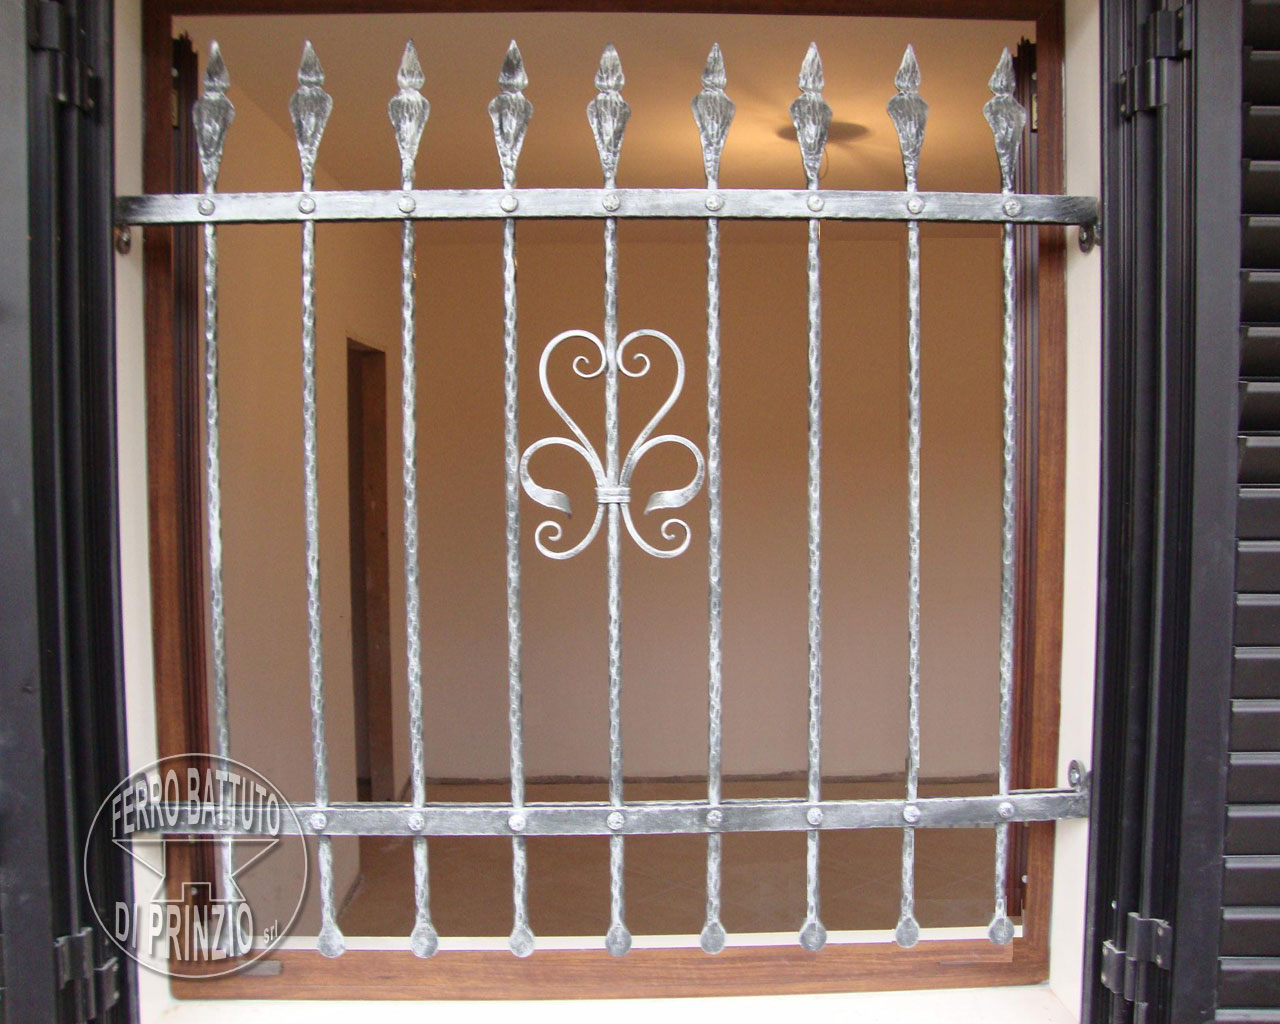 Realizzazione grate e protezioni ferro battuto di prinzio italia - Disegni di inferriate per finestre ...